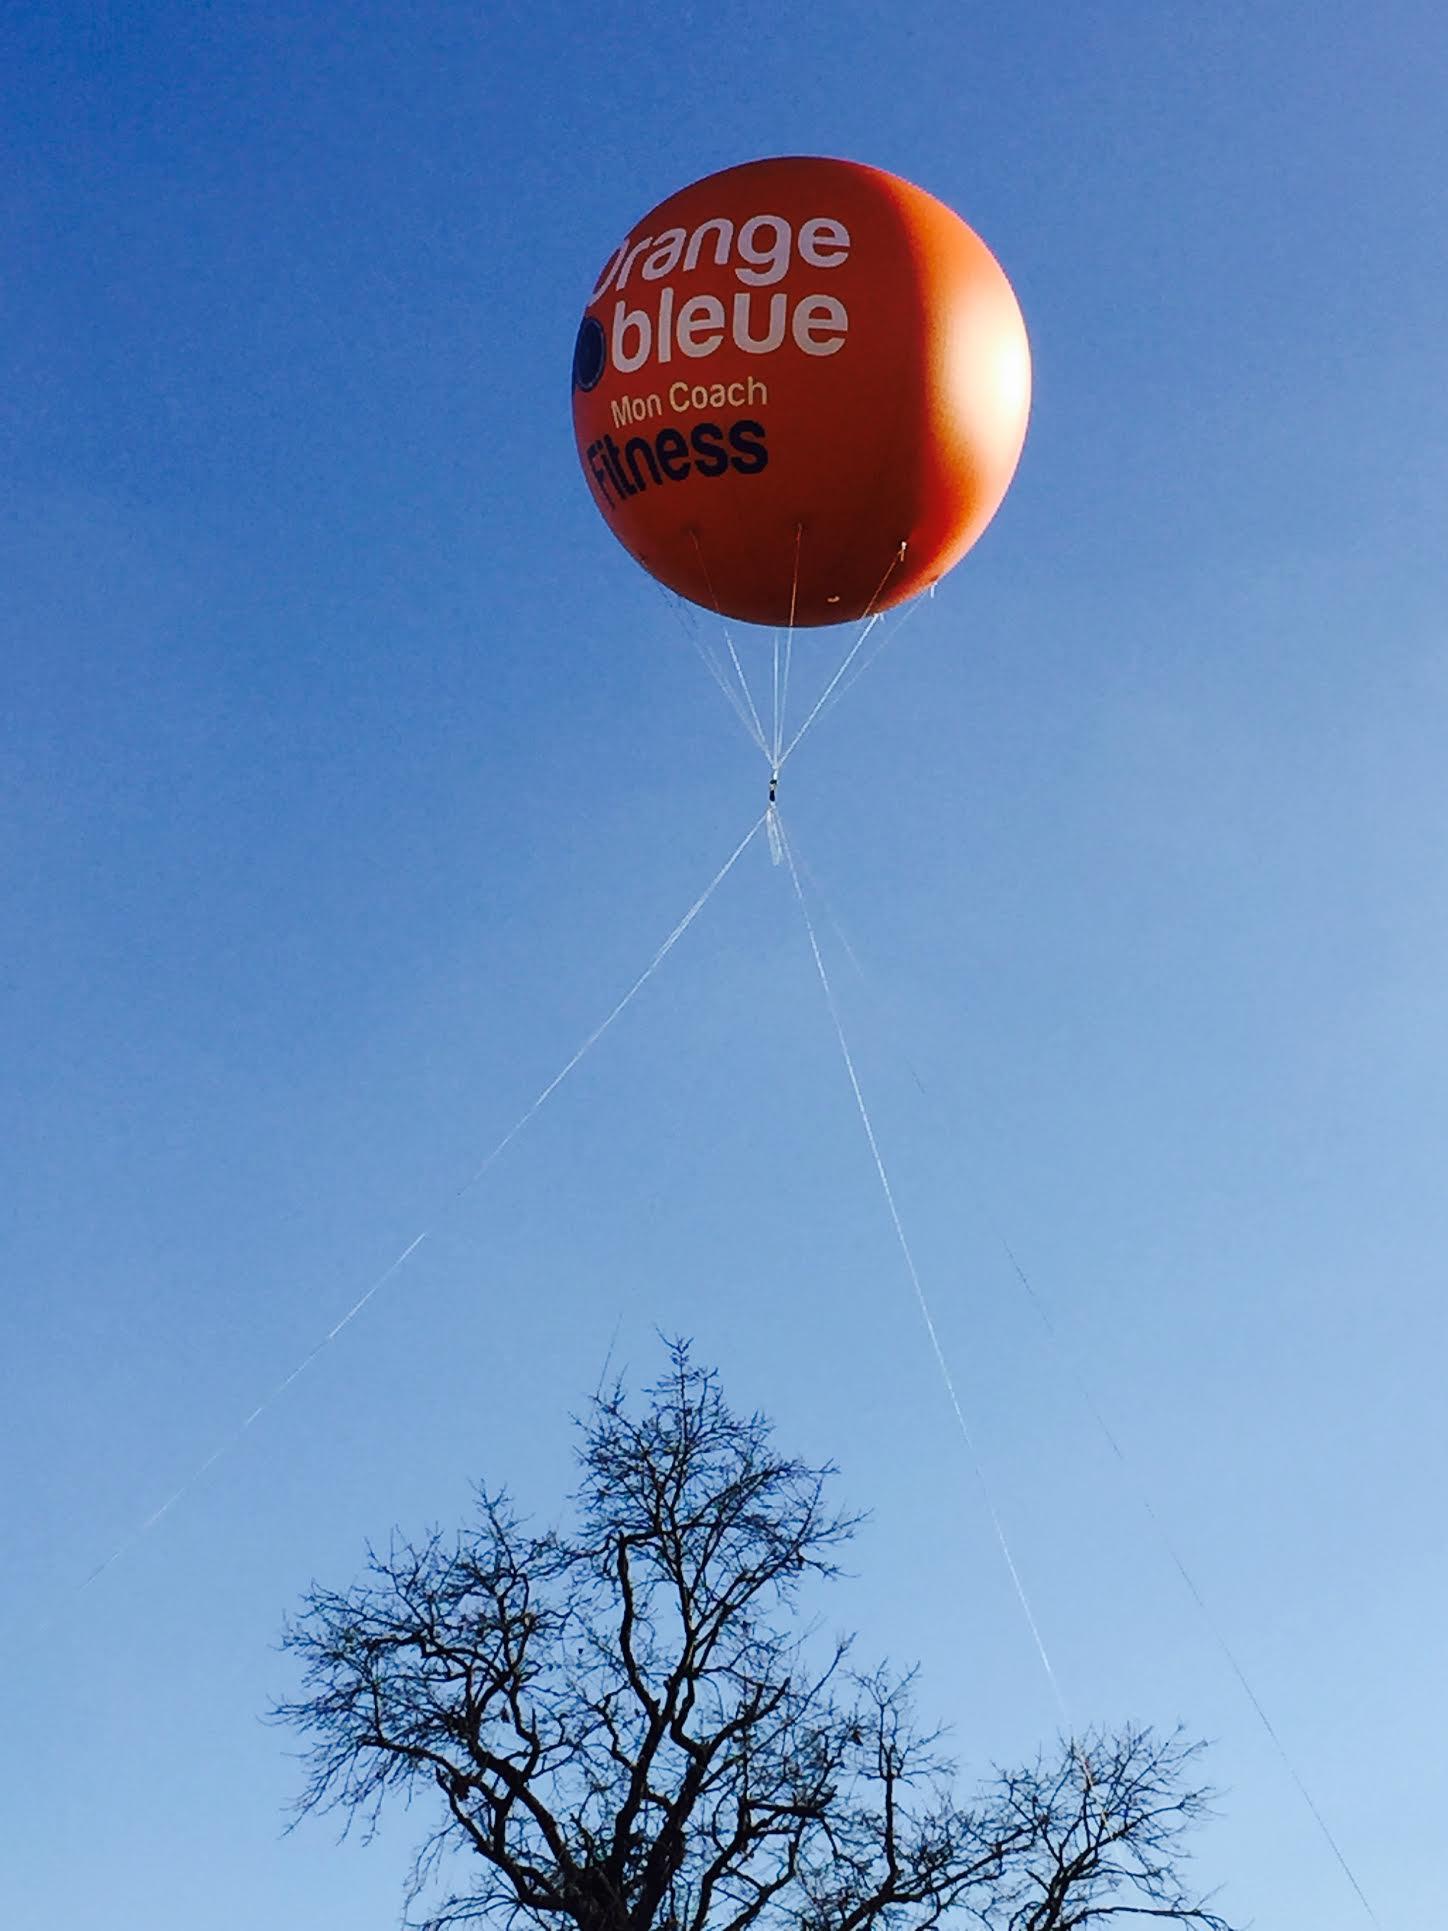 Ballon publicitaire volant pour l 39 orange bleue de genay for Orange bleue